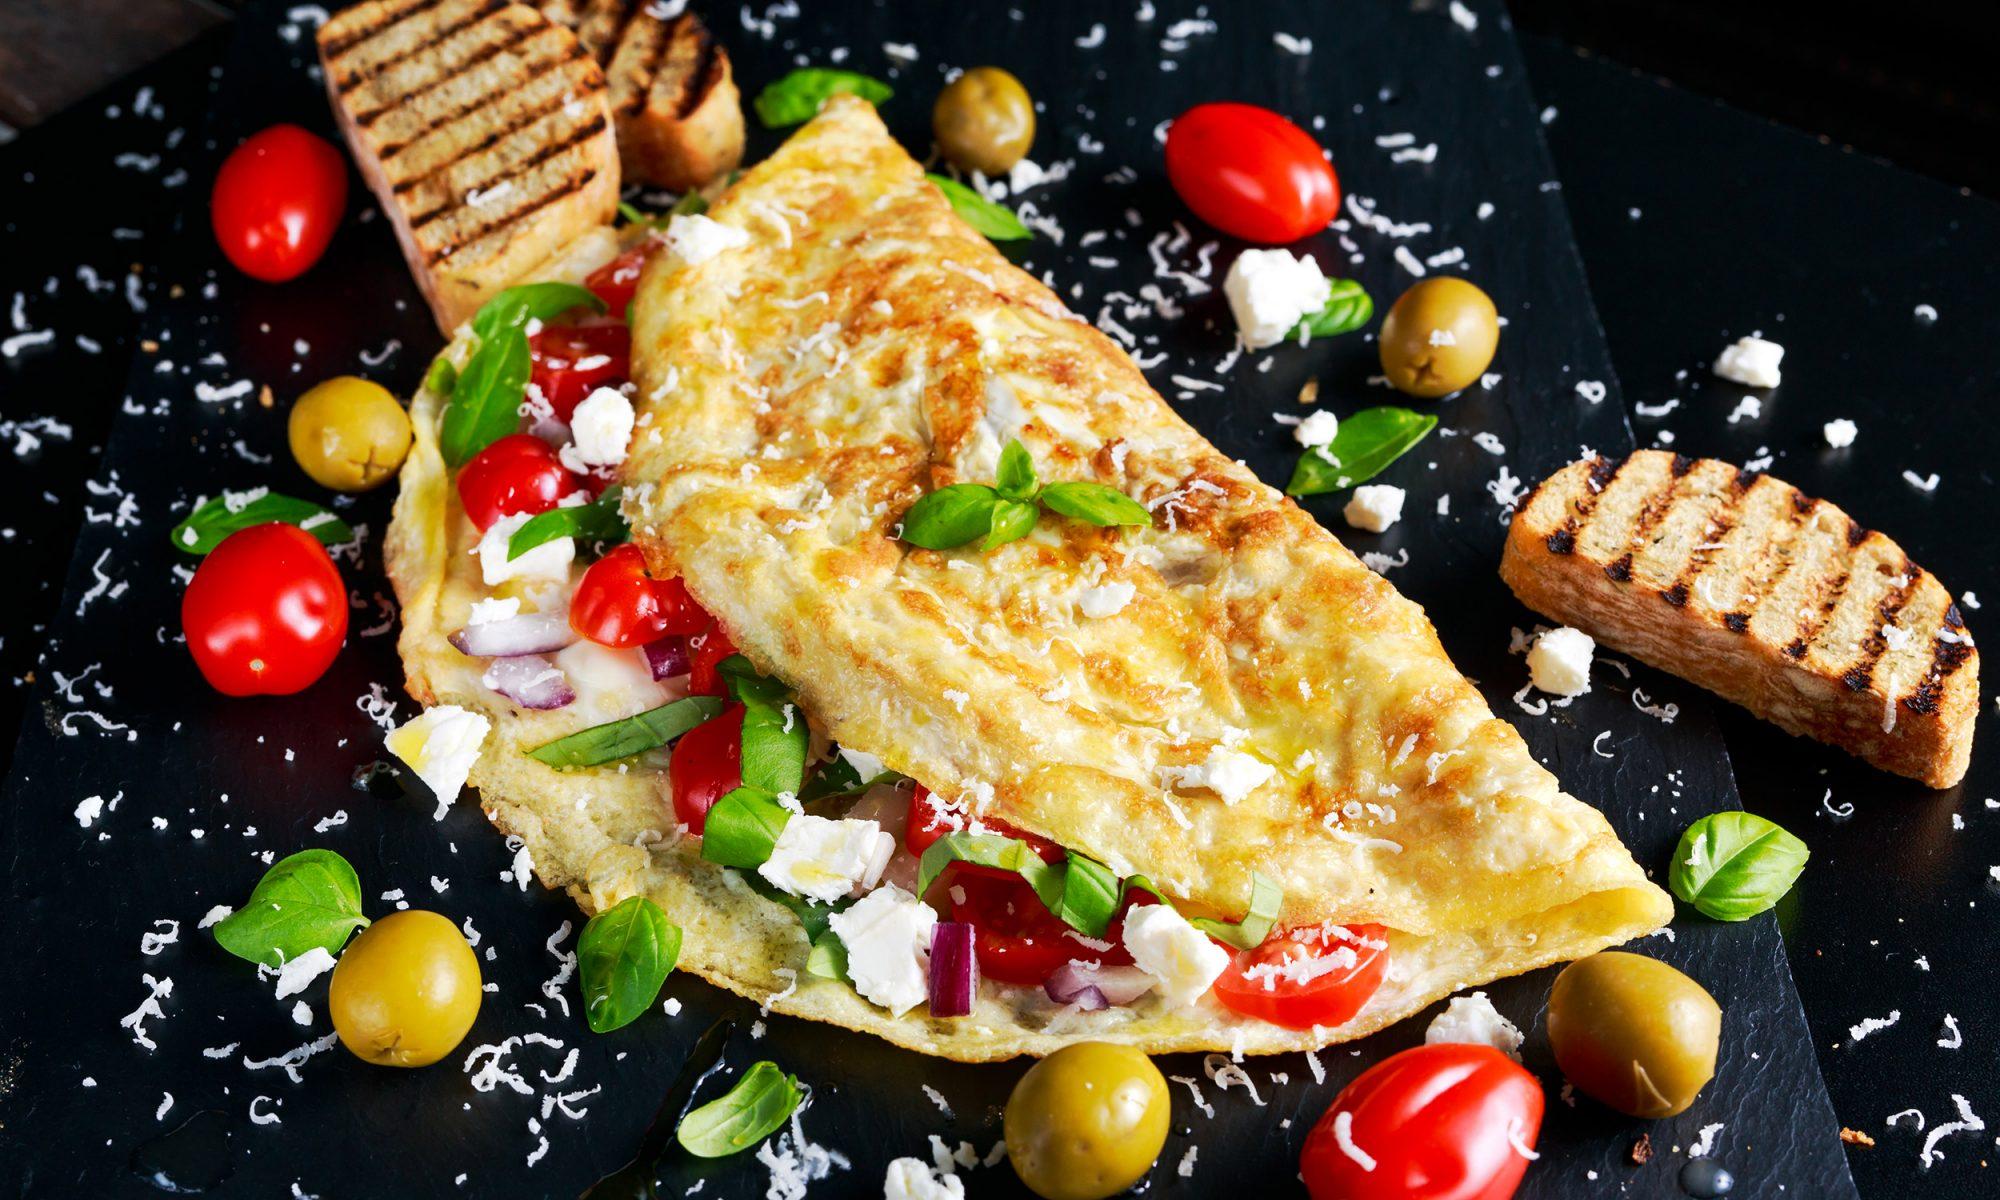 EC:  assets%2Fmessage-editor%2F1467743704605-vegetable-omelette